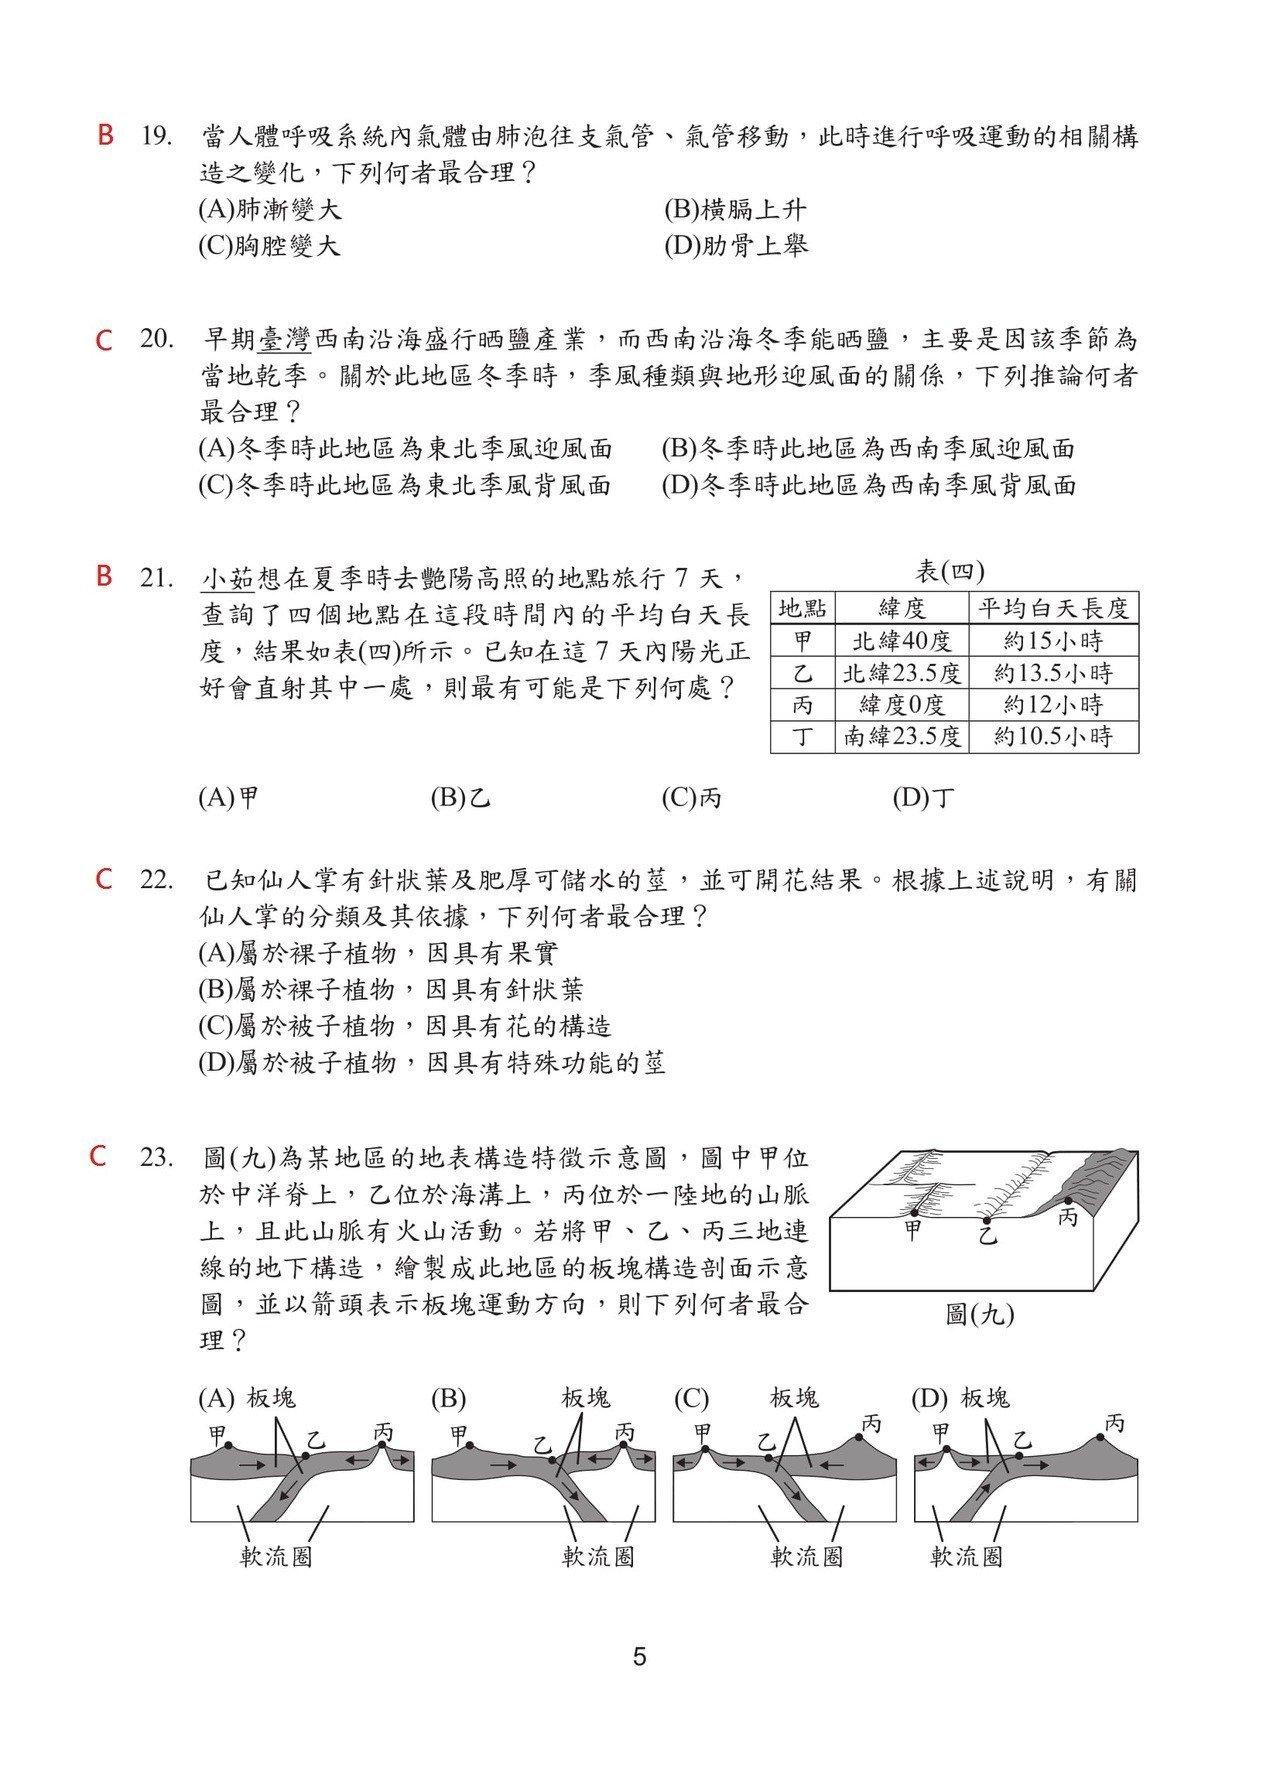 108國中會考自然科試題解答,第5頁。